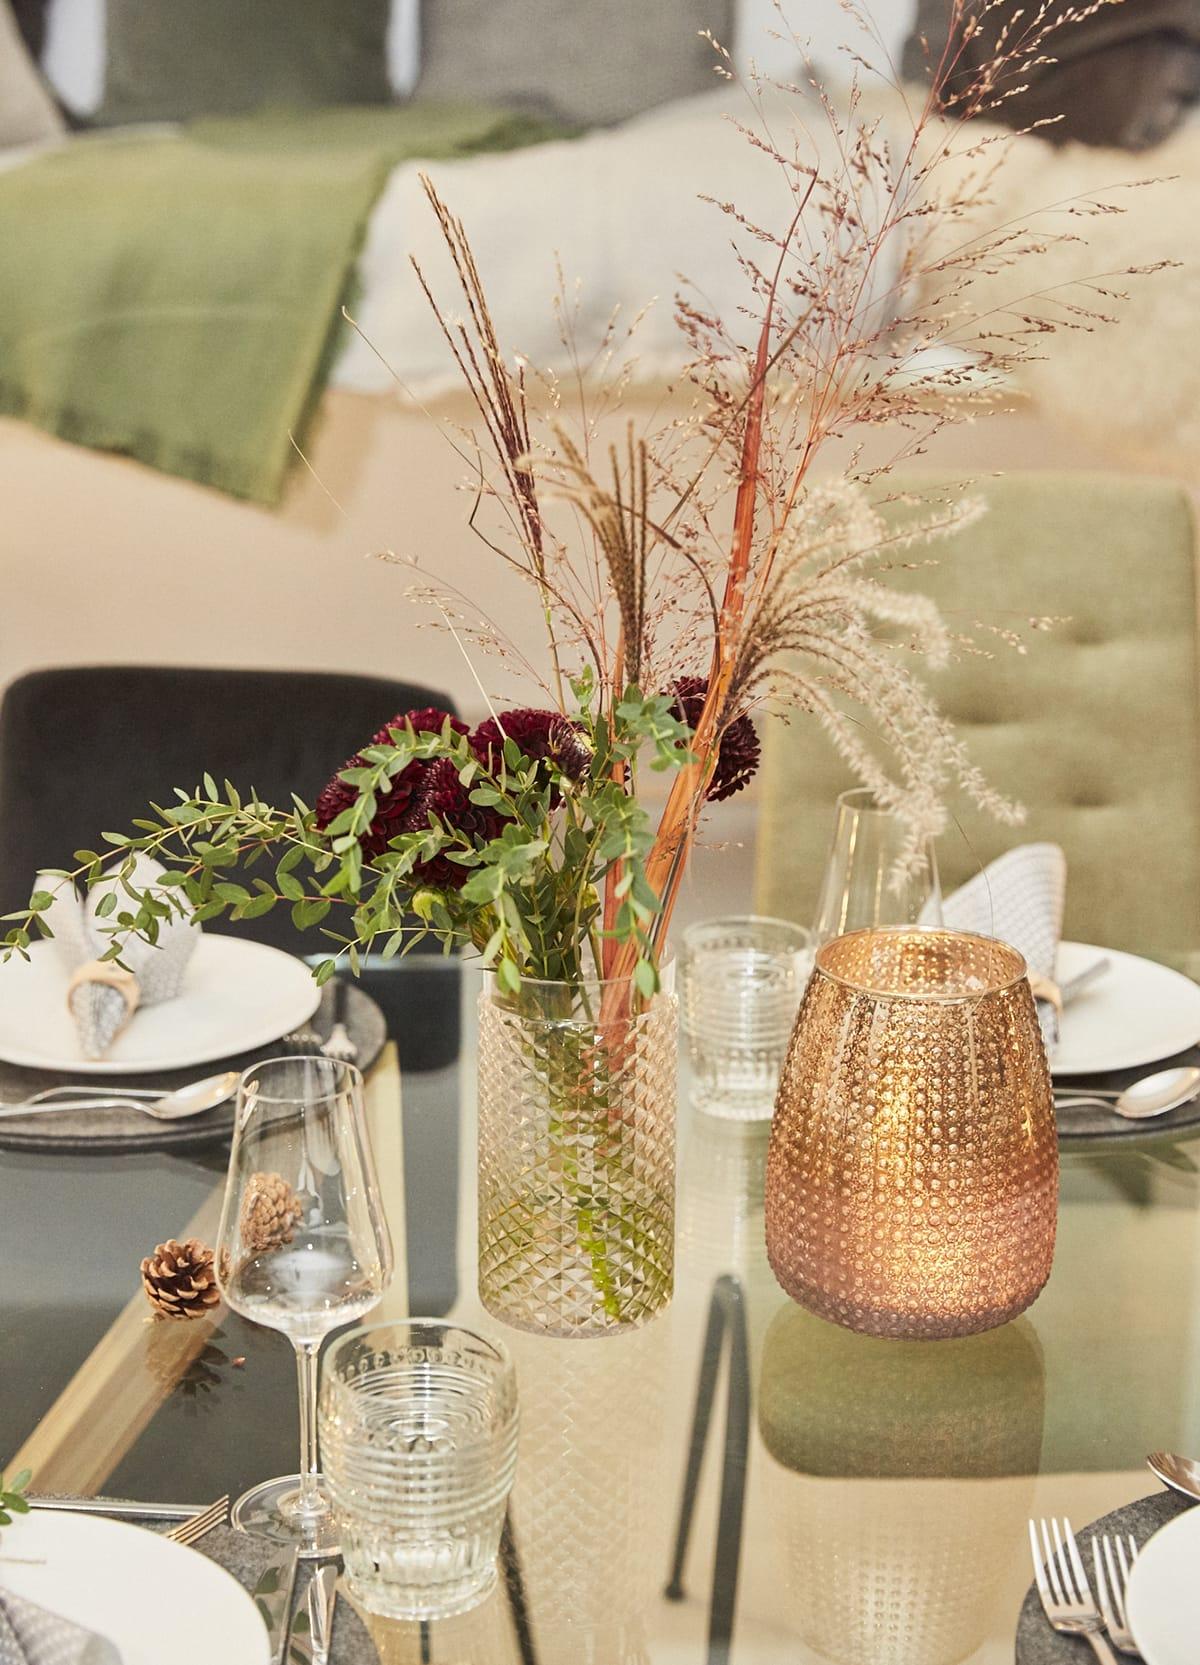 Stressless Dining Stühle in der Trendfarbe Grün fügen sich farblich passend in die hyggelige Weihnachtszeit ein.